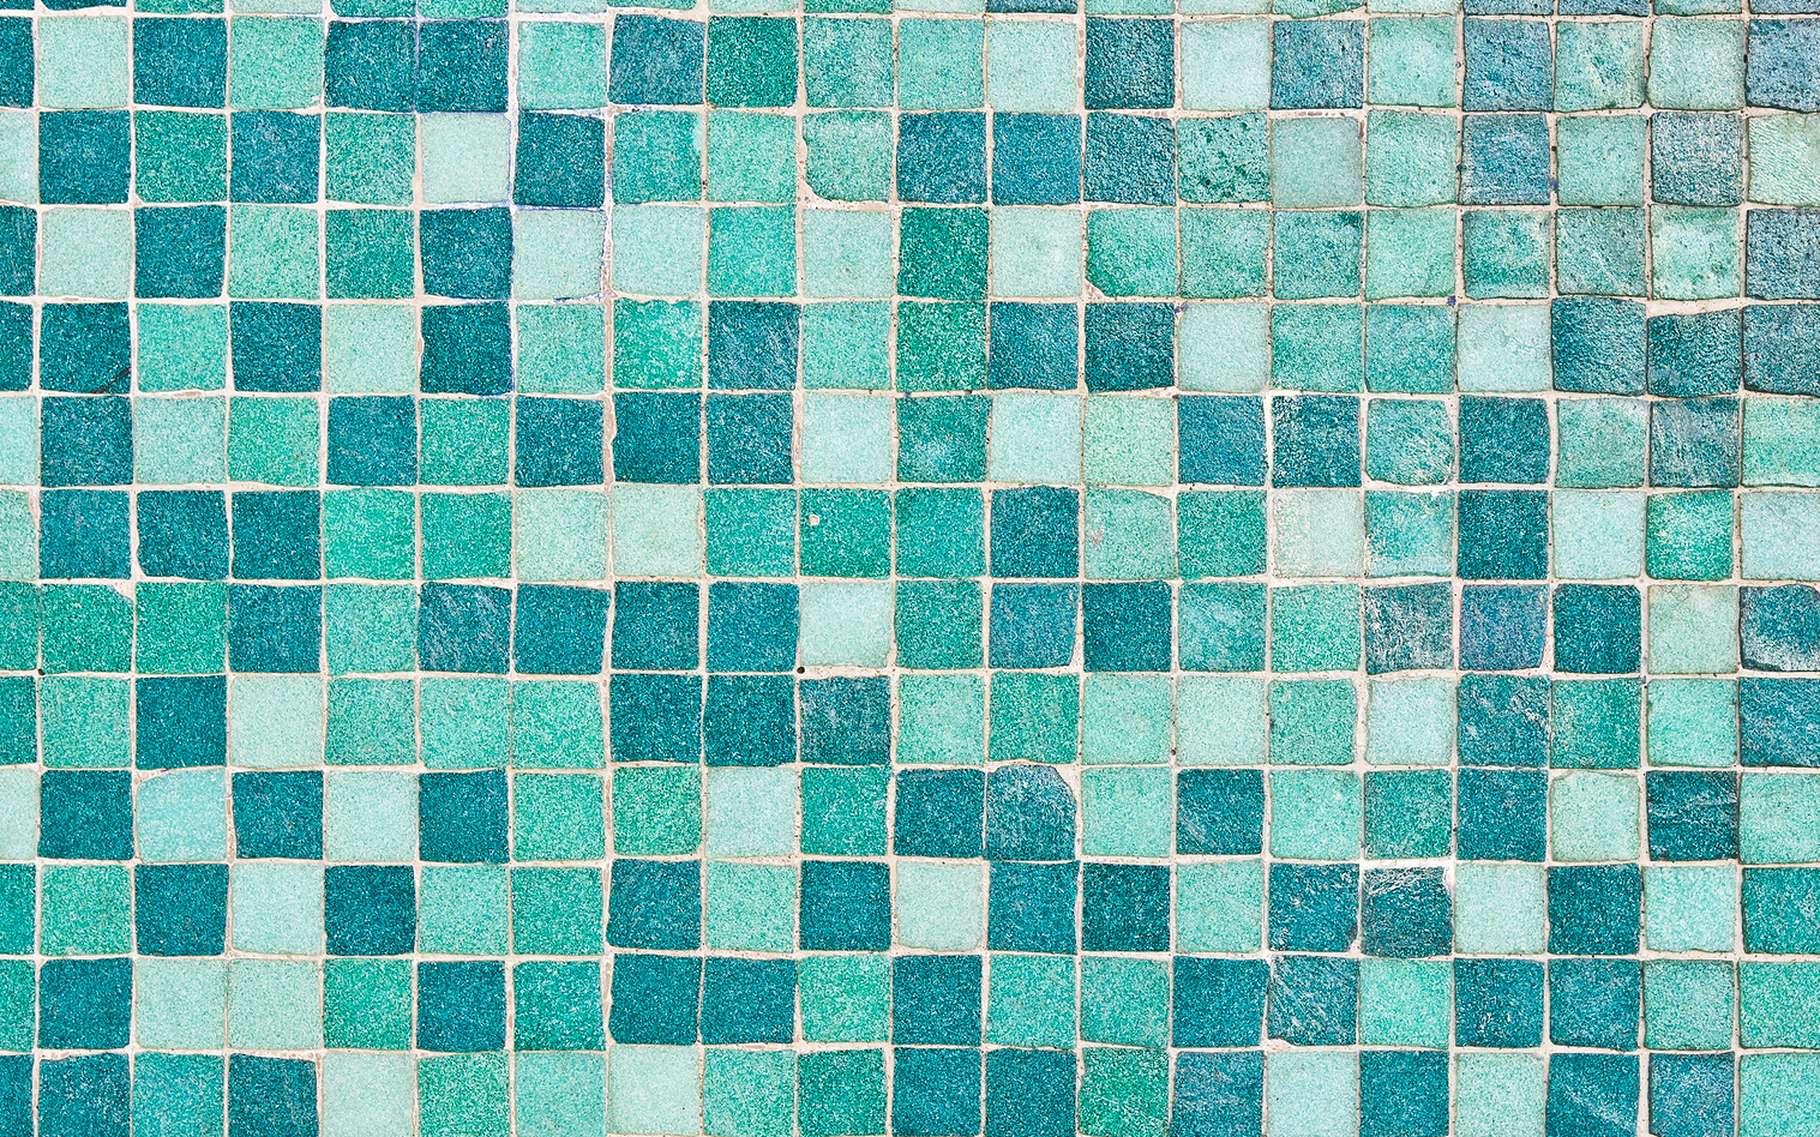 La mosaïque en carrelage, en plus d'être assez esthétique, est particulièrement facile à entretenir. © Tom Gowanlock, Shutterstock